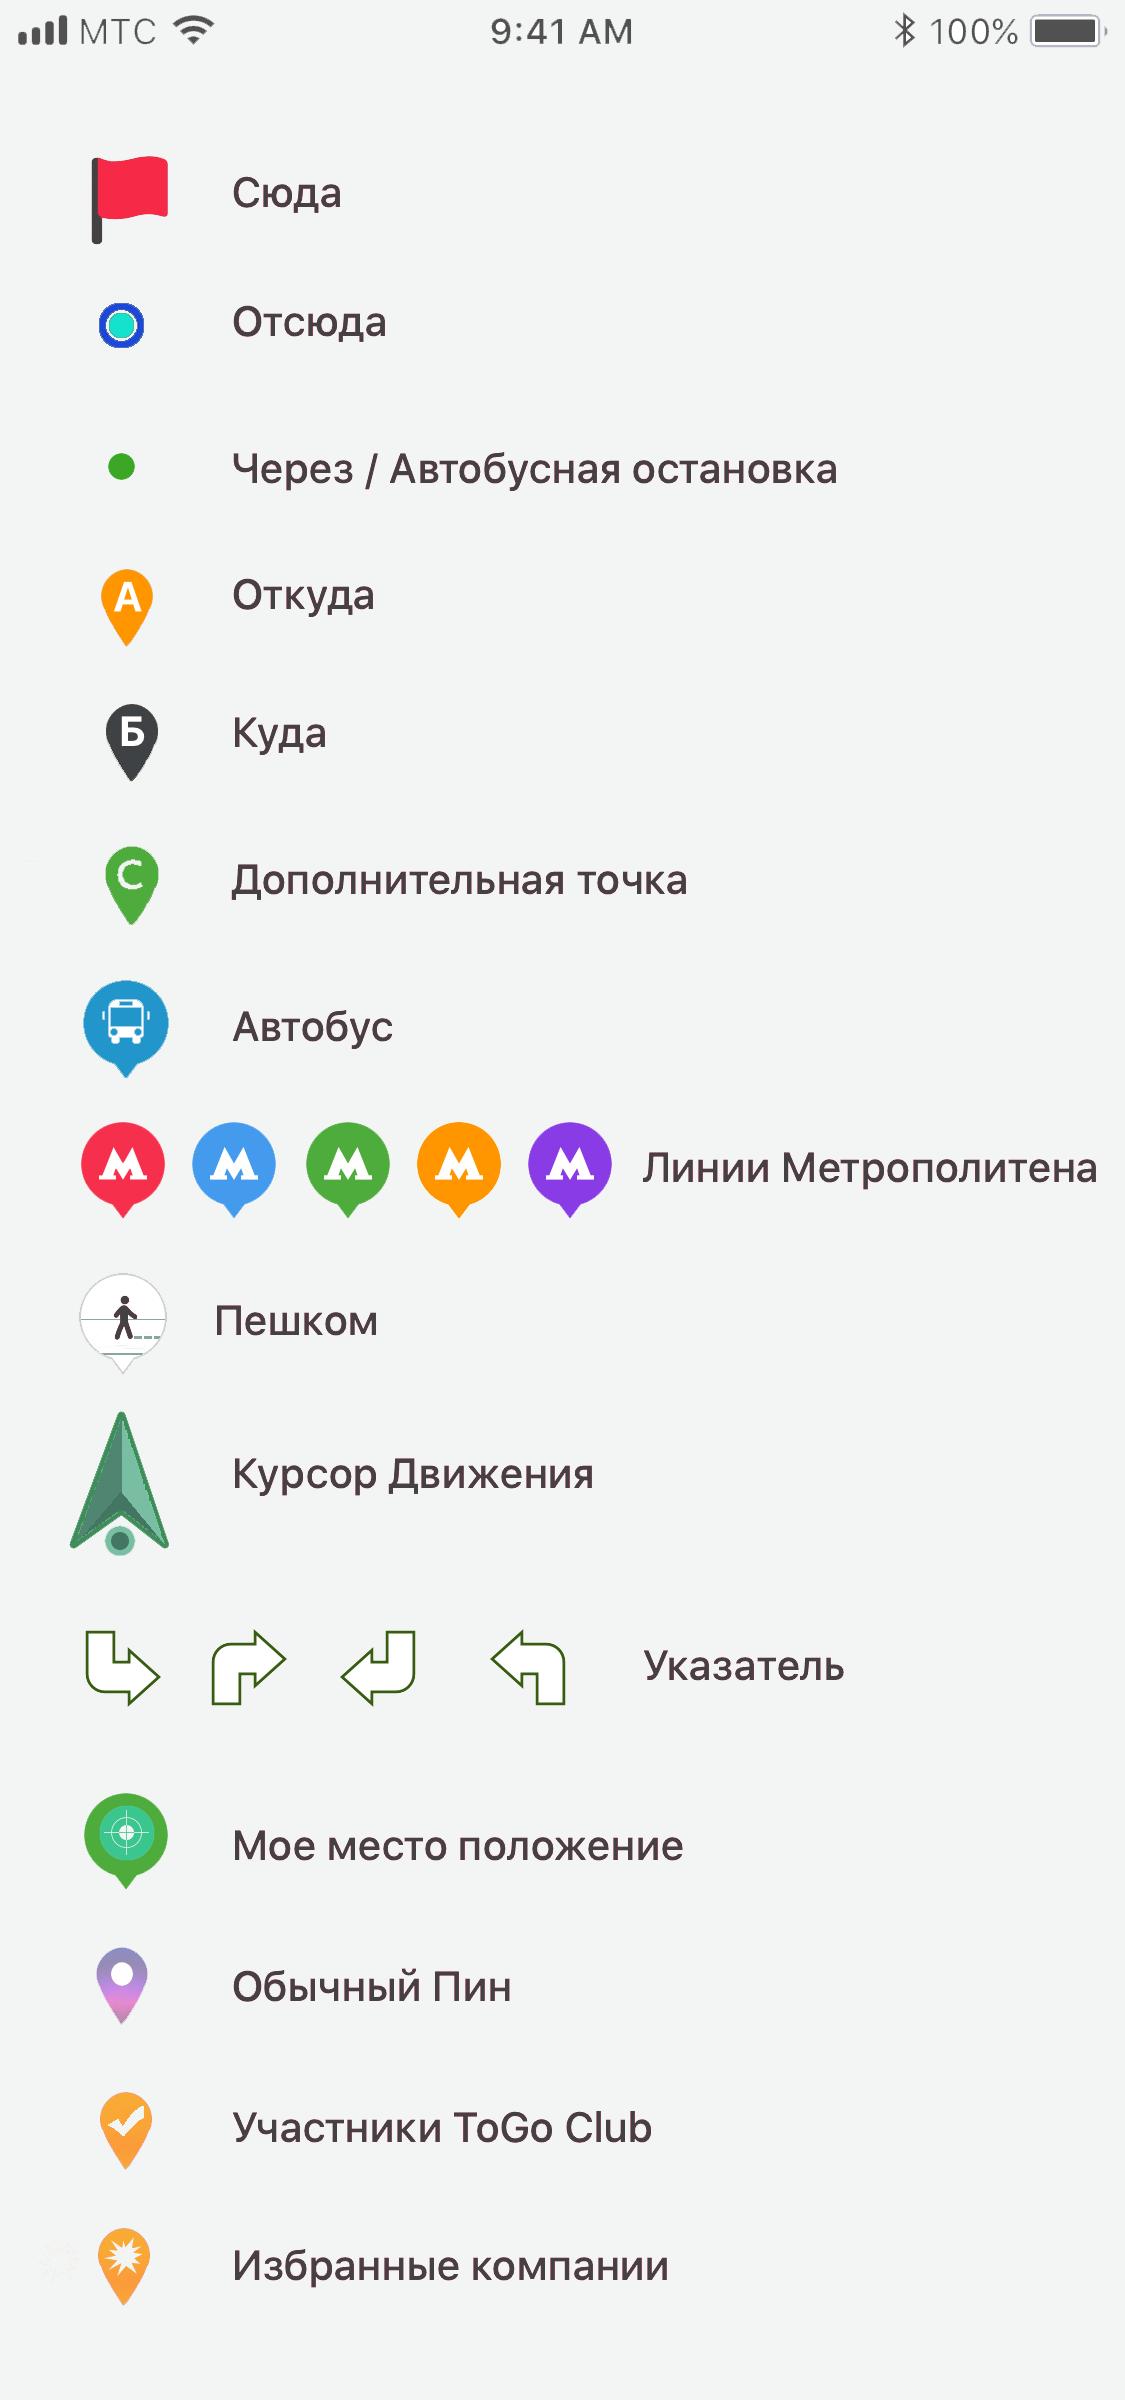 Иконки на карту. фото f_5565b0720f7398a0.png